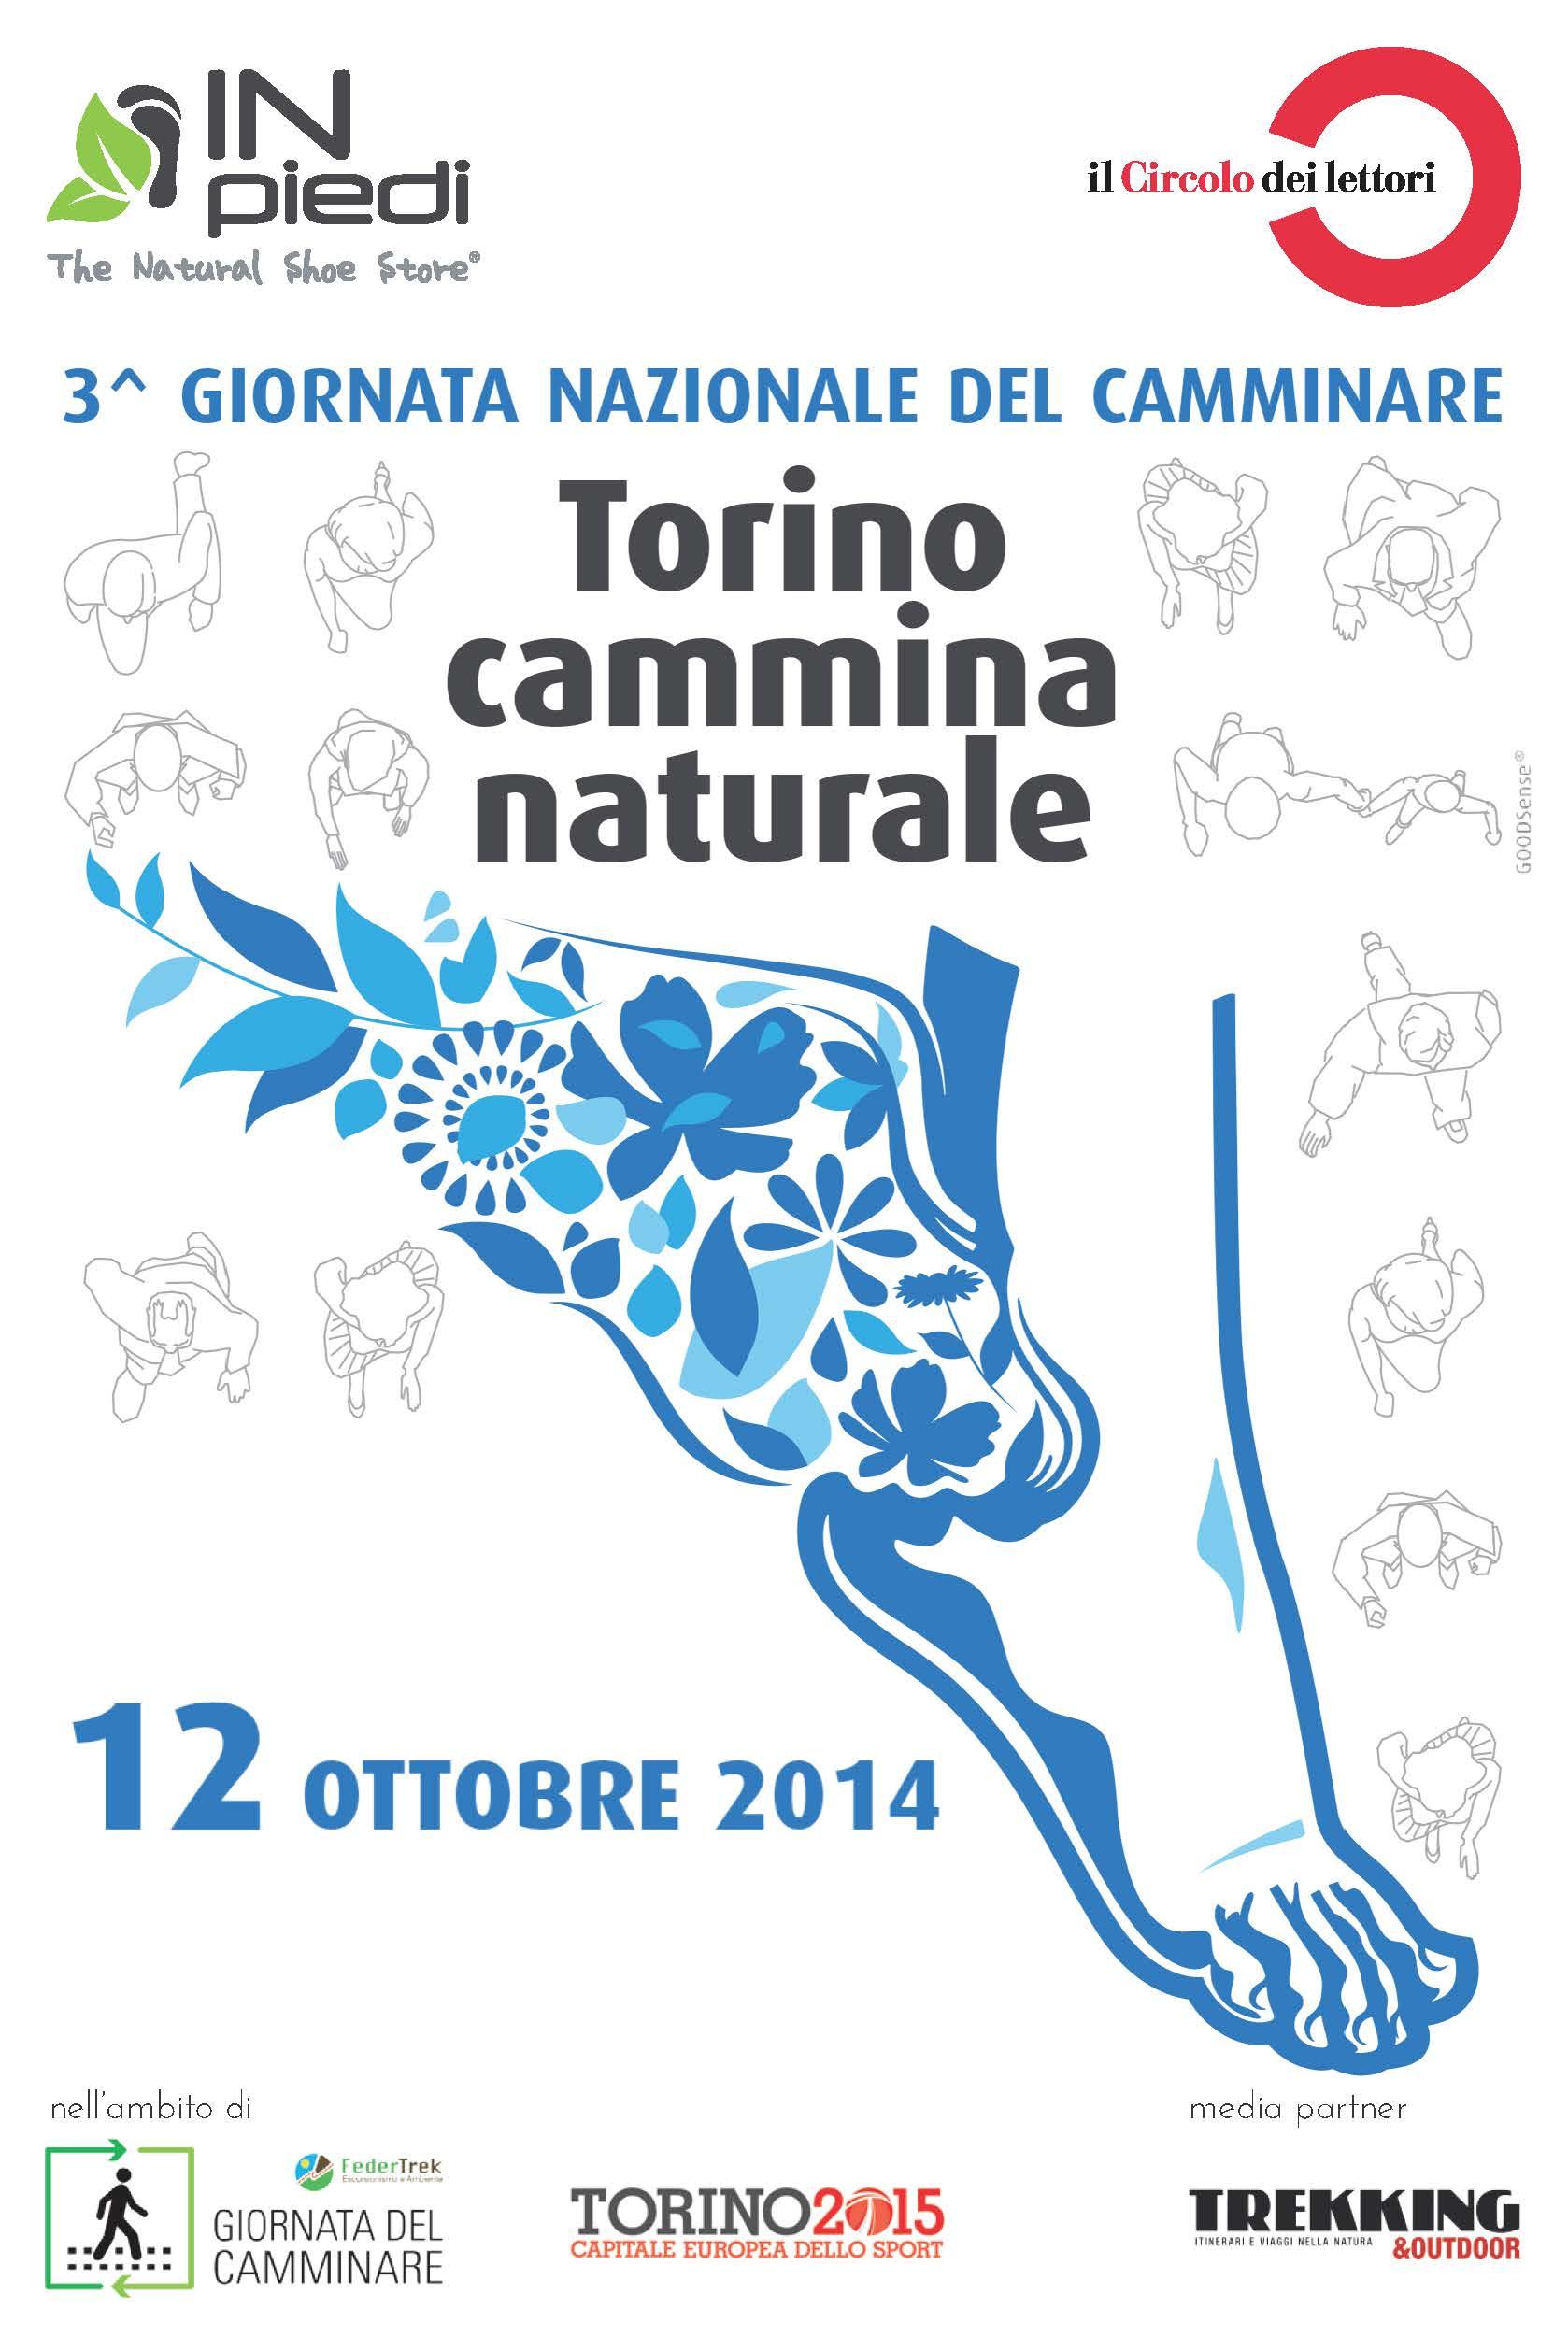 Giornata Nazionale del camminare a Torino: passeggiata multiculturale